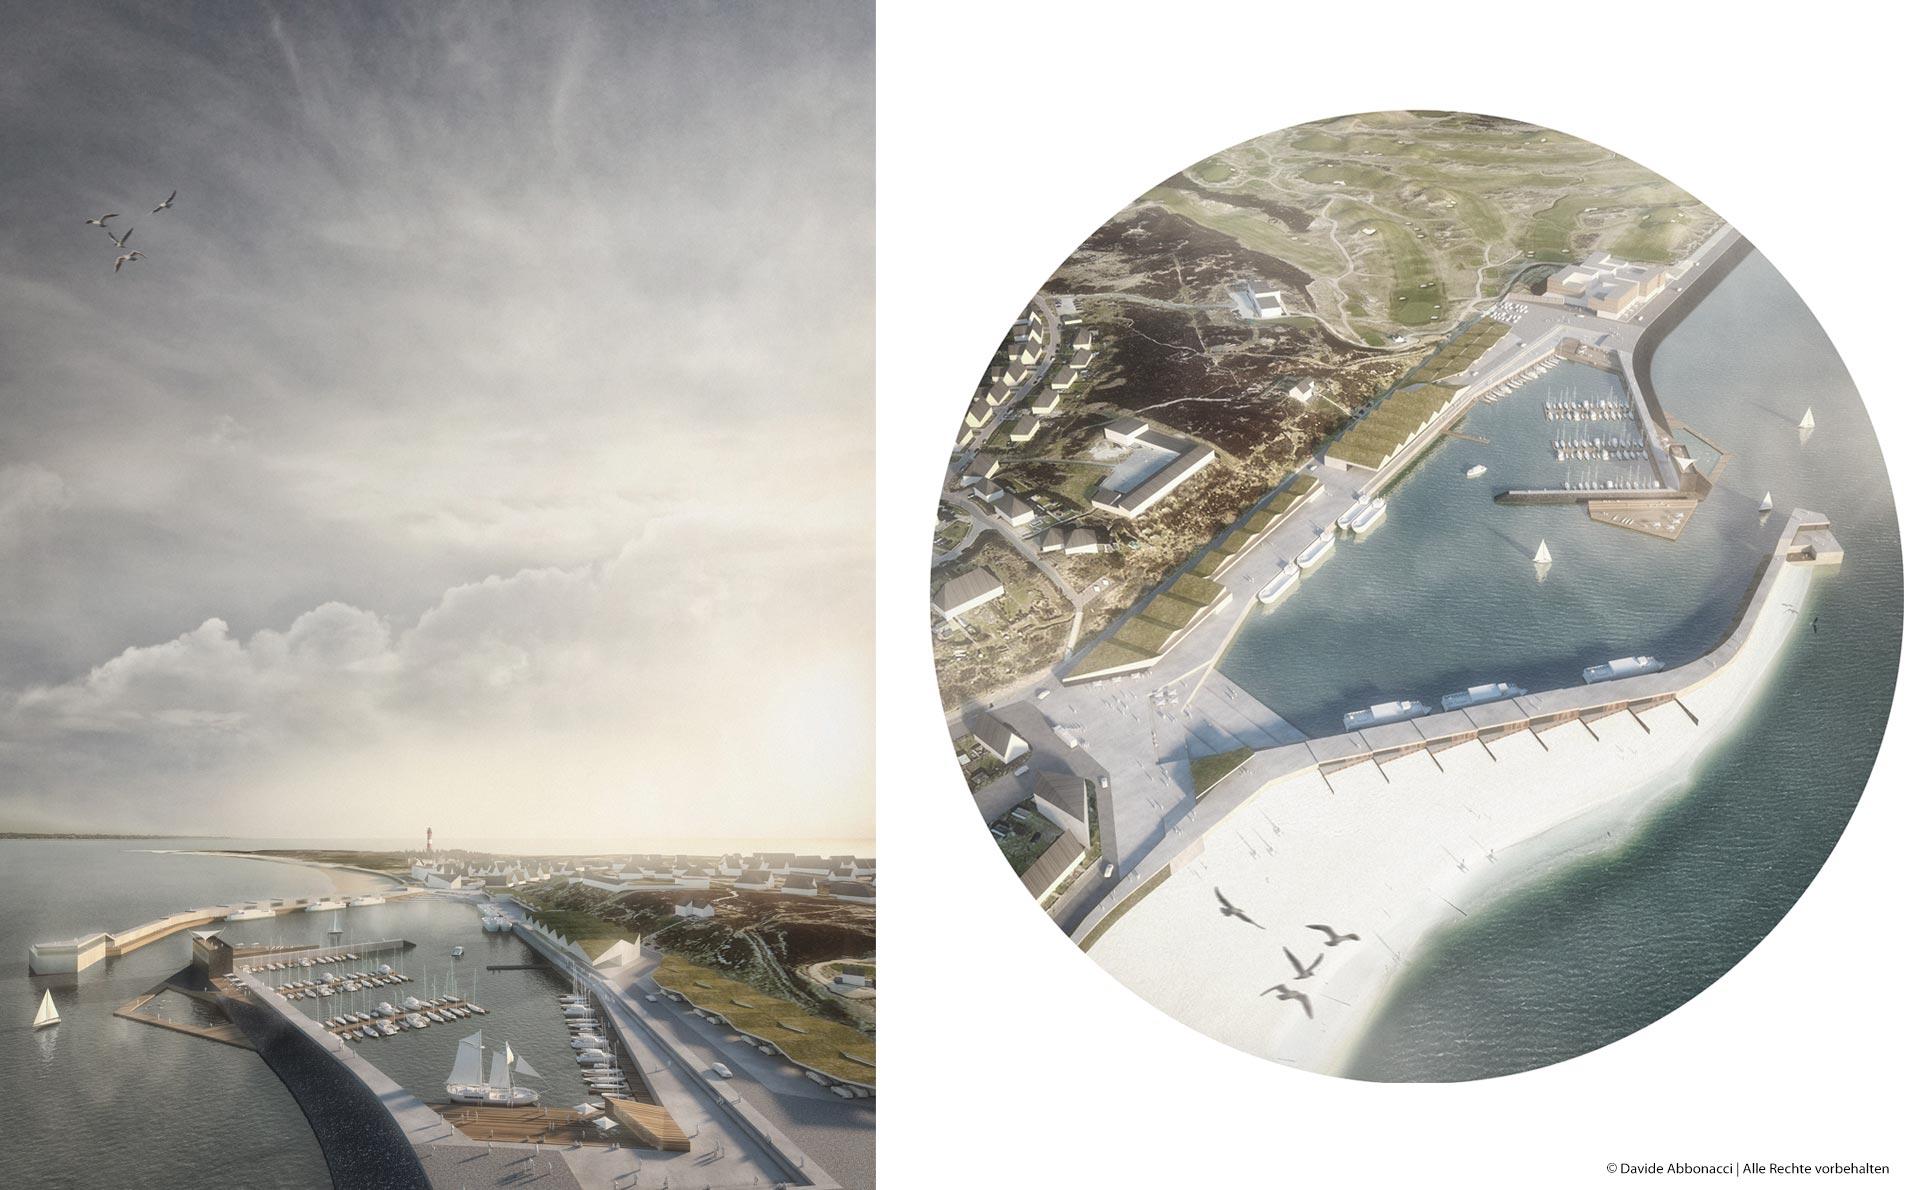 Hörnumer Hafen, Sylt   gmp Architekten von Gerkan, Marg und Partner mit Patrik Dierks Architekten   2017 Wettbewerbsvisualisierung   1. Preis